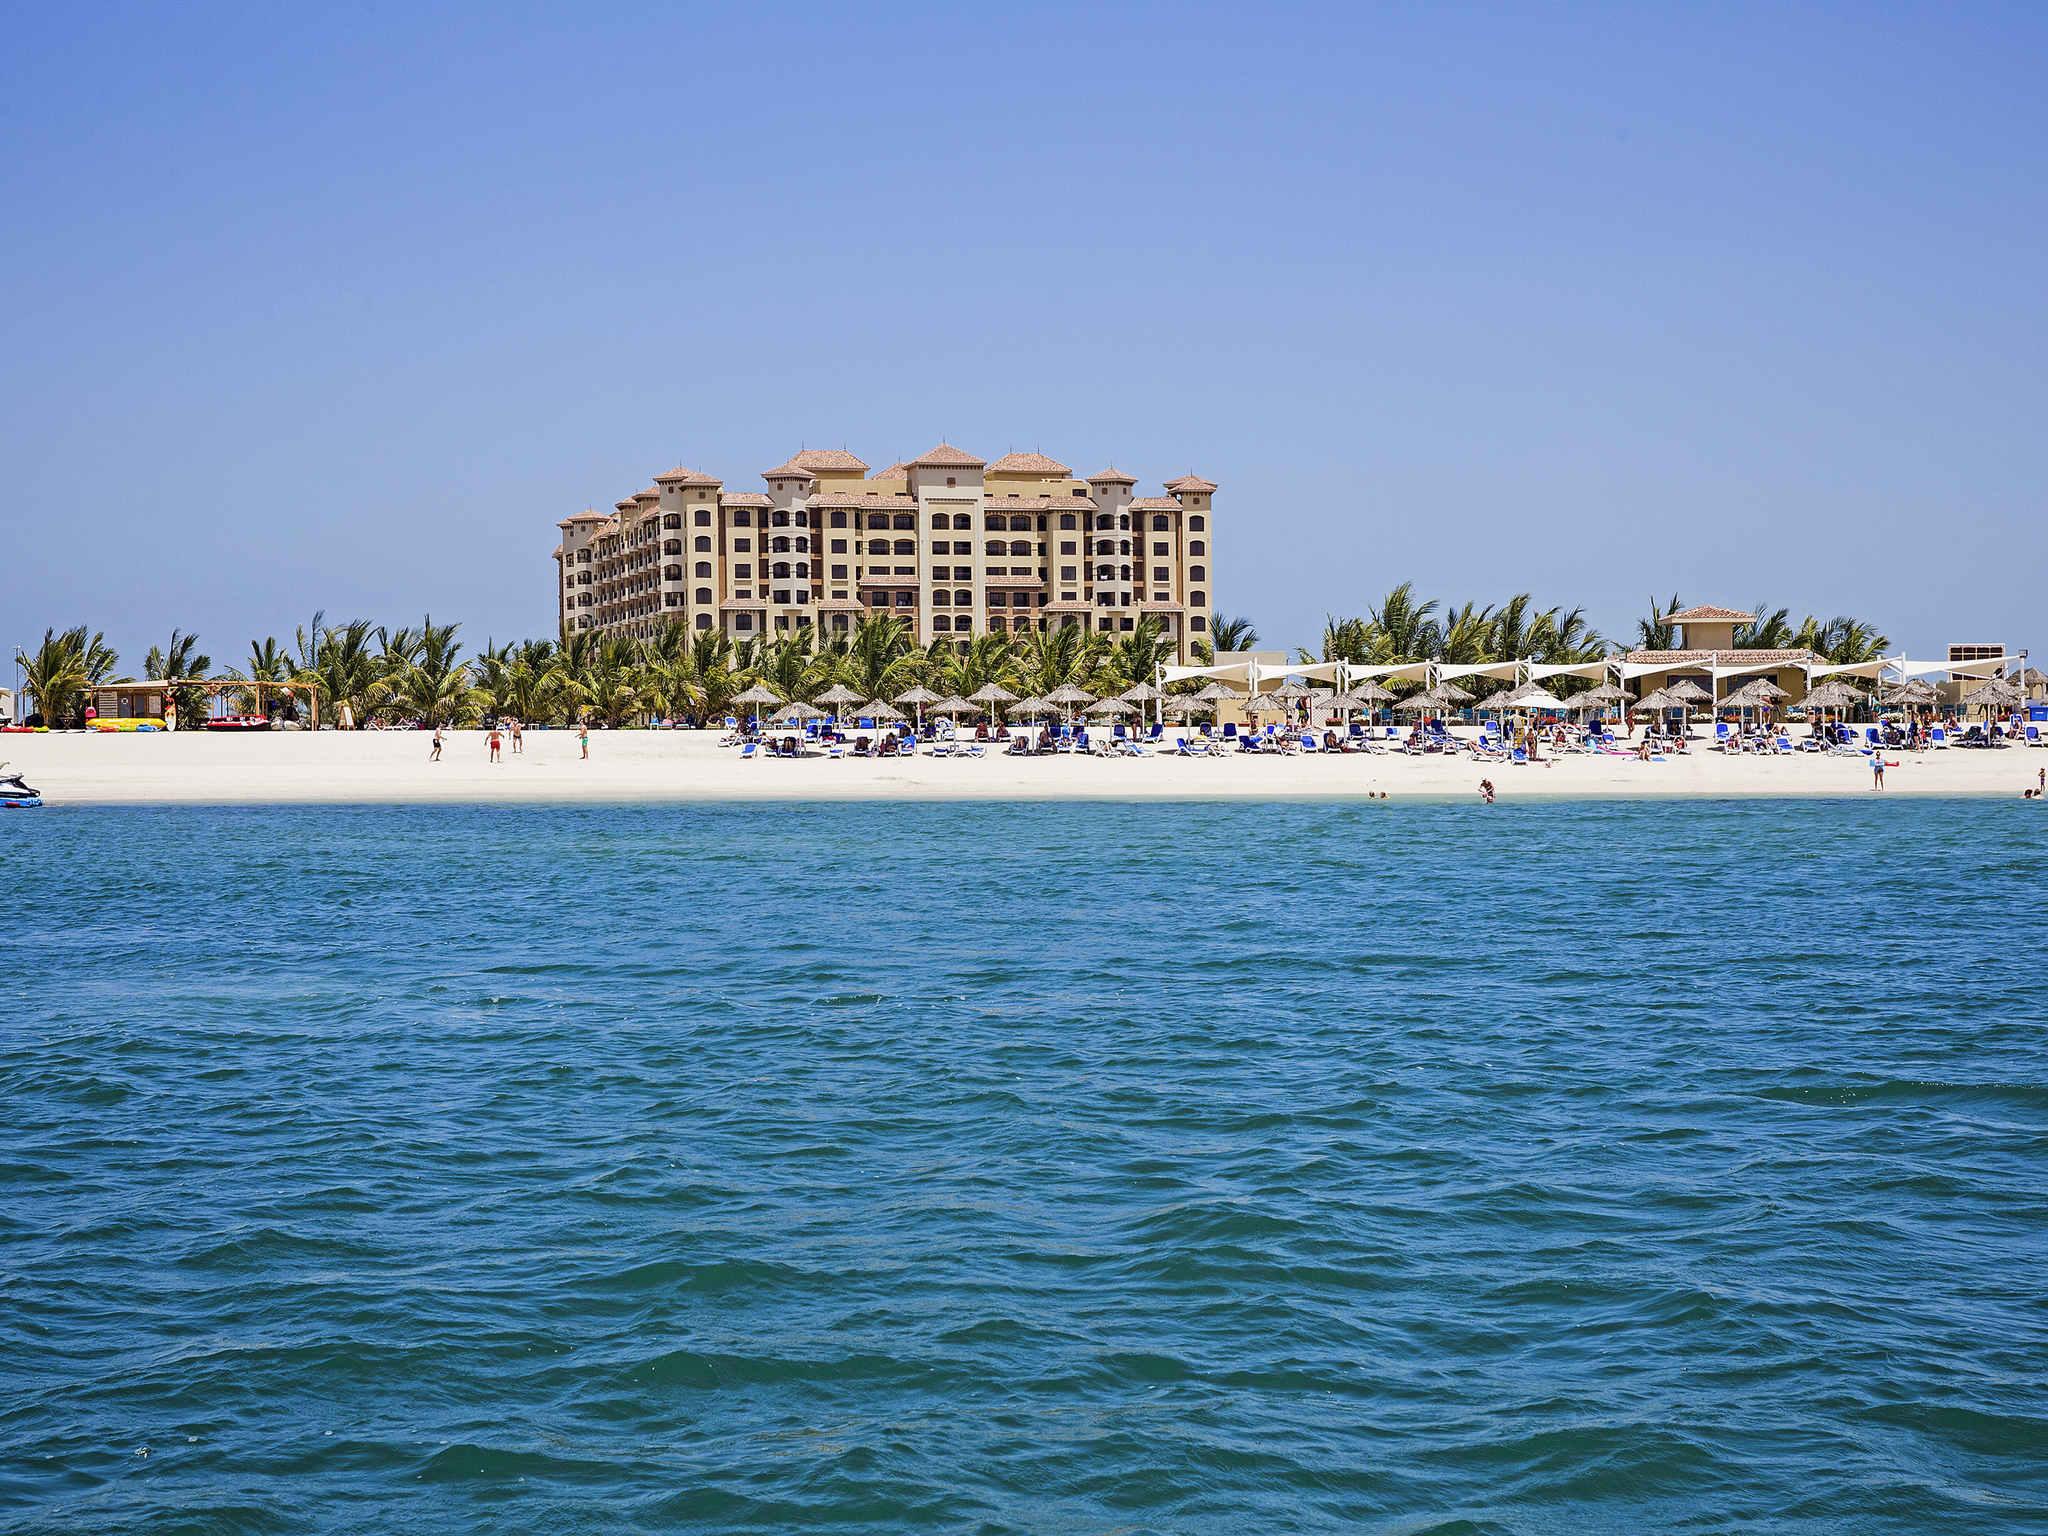 ホテル – Marjan Island Resort & Spa - Managed by AccorHotels